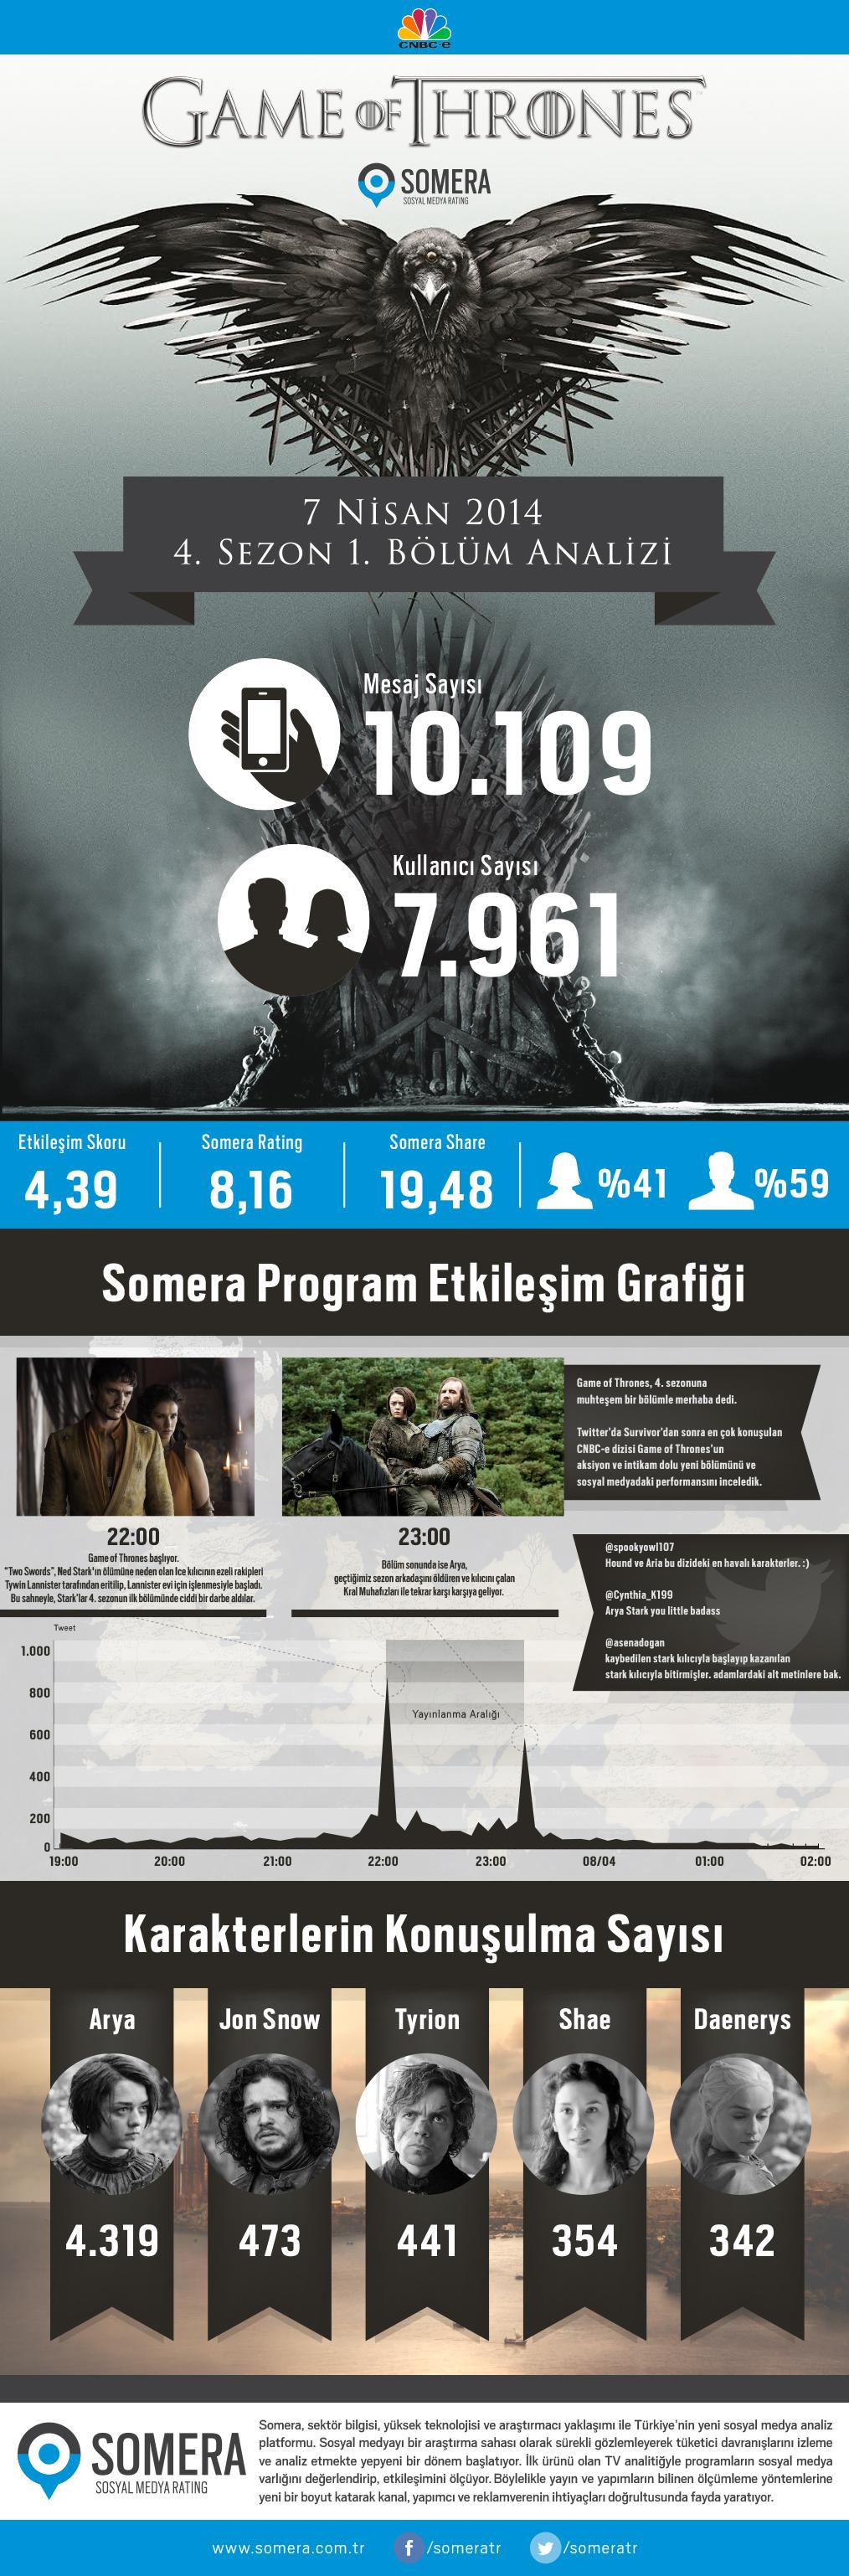 game-of-thrones-twitter-infografik